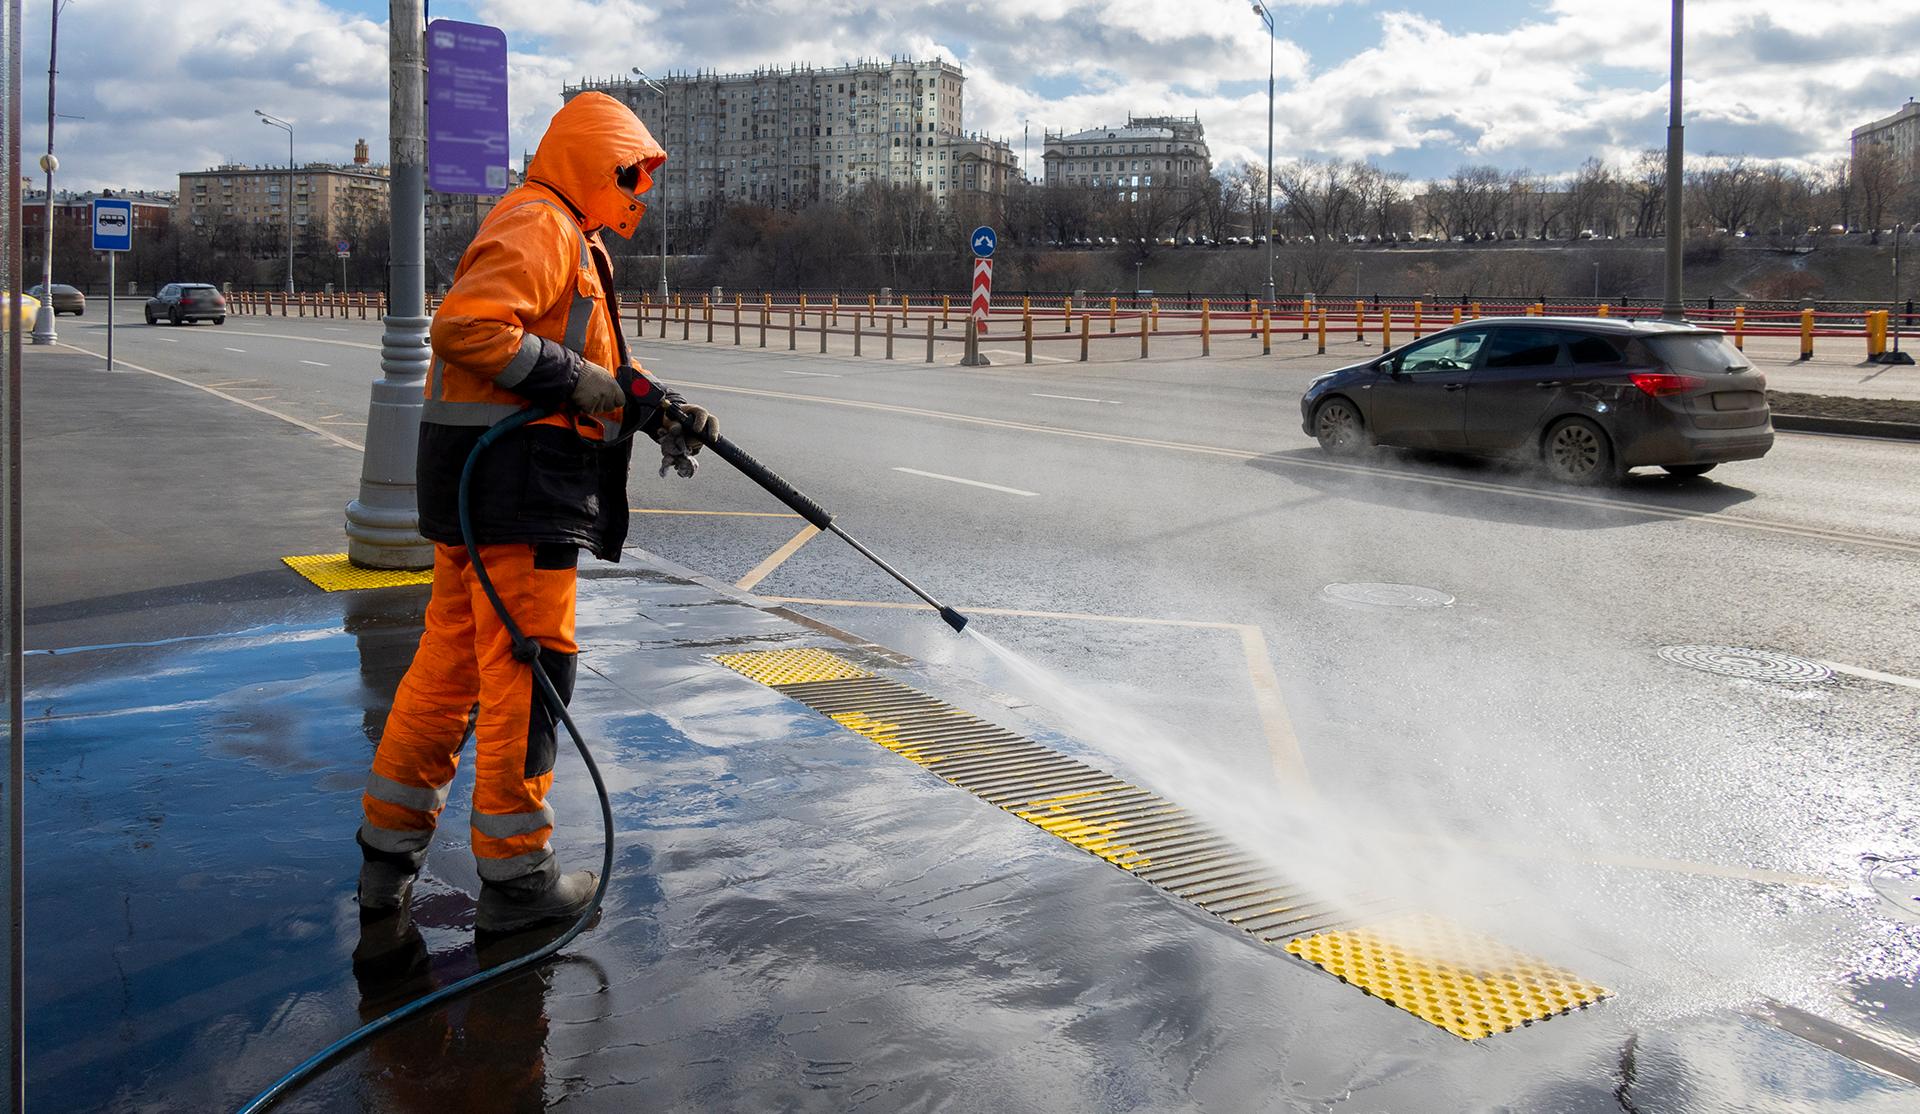 equipo de limpieza pública trabajador limpiando la acera